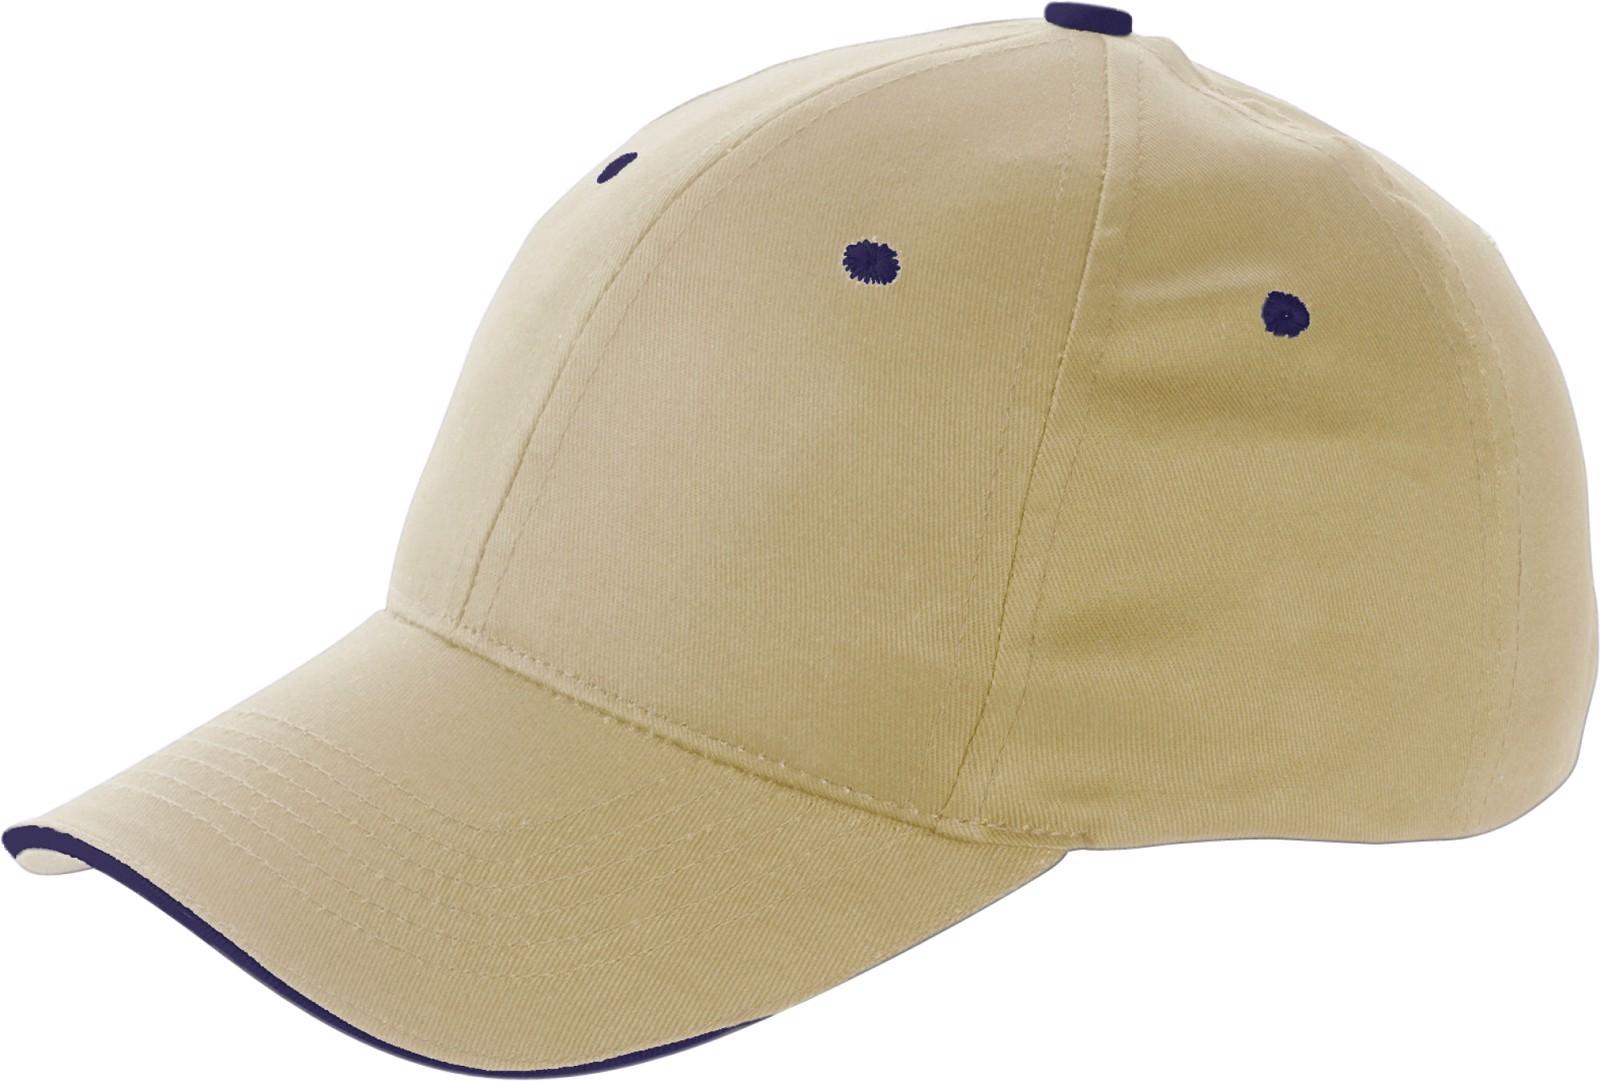 Cotton twill cap - Khaki